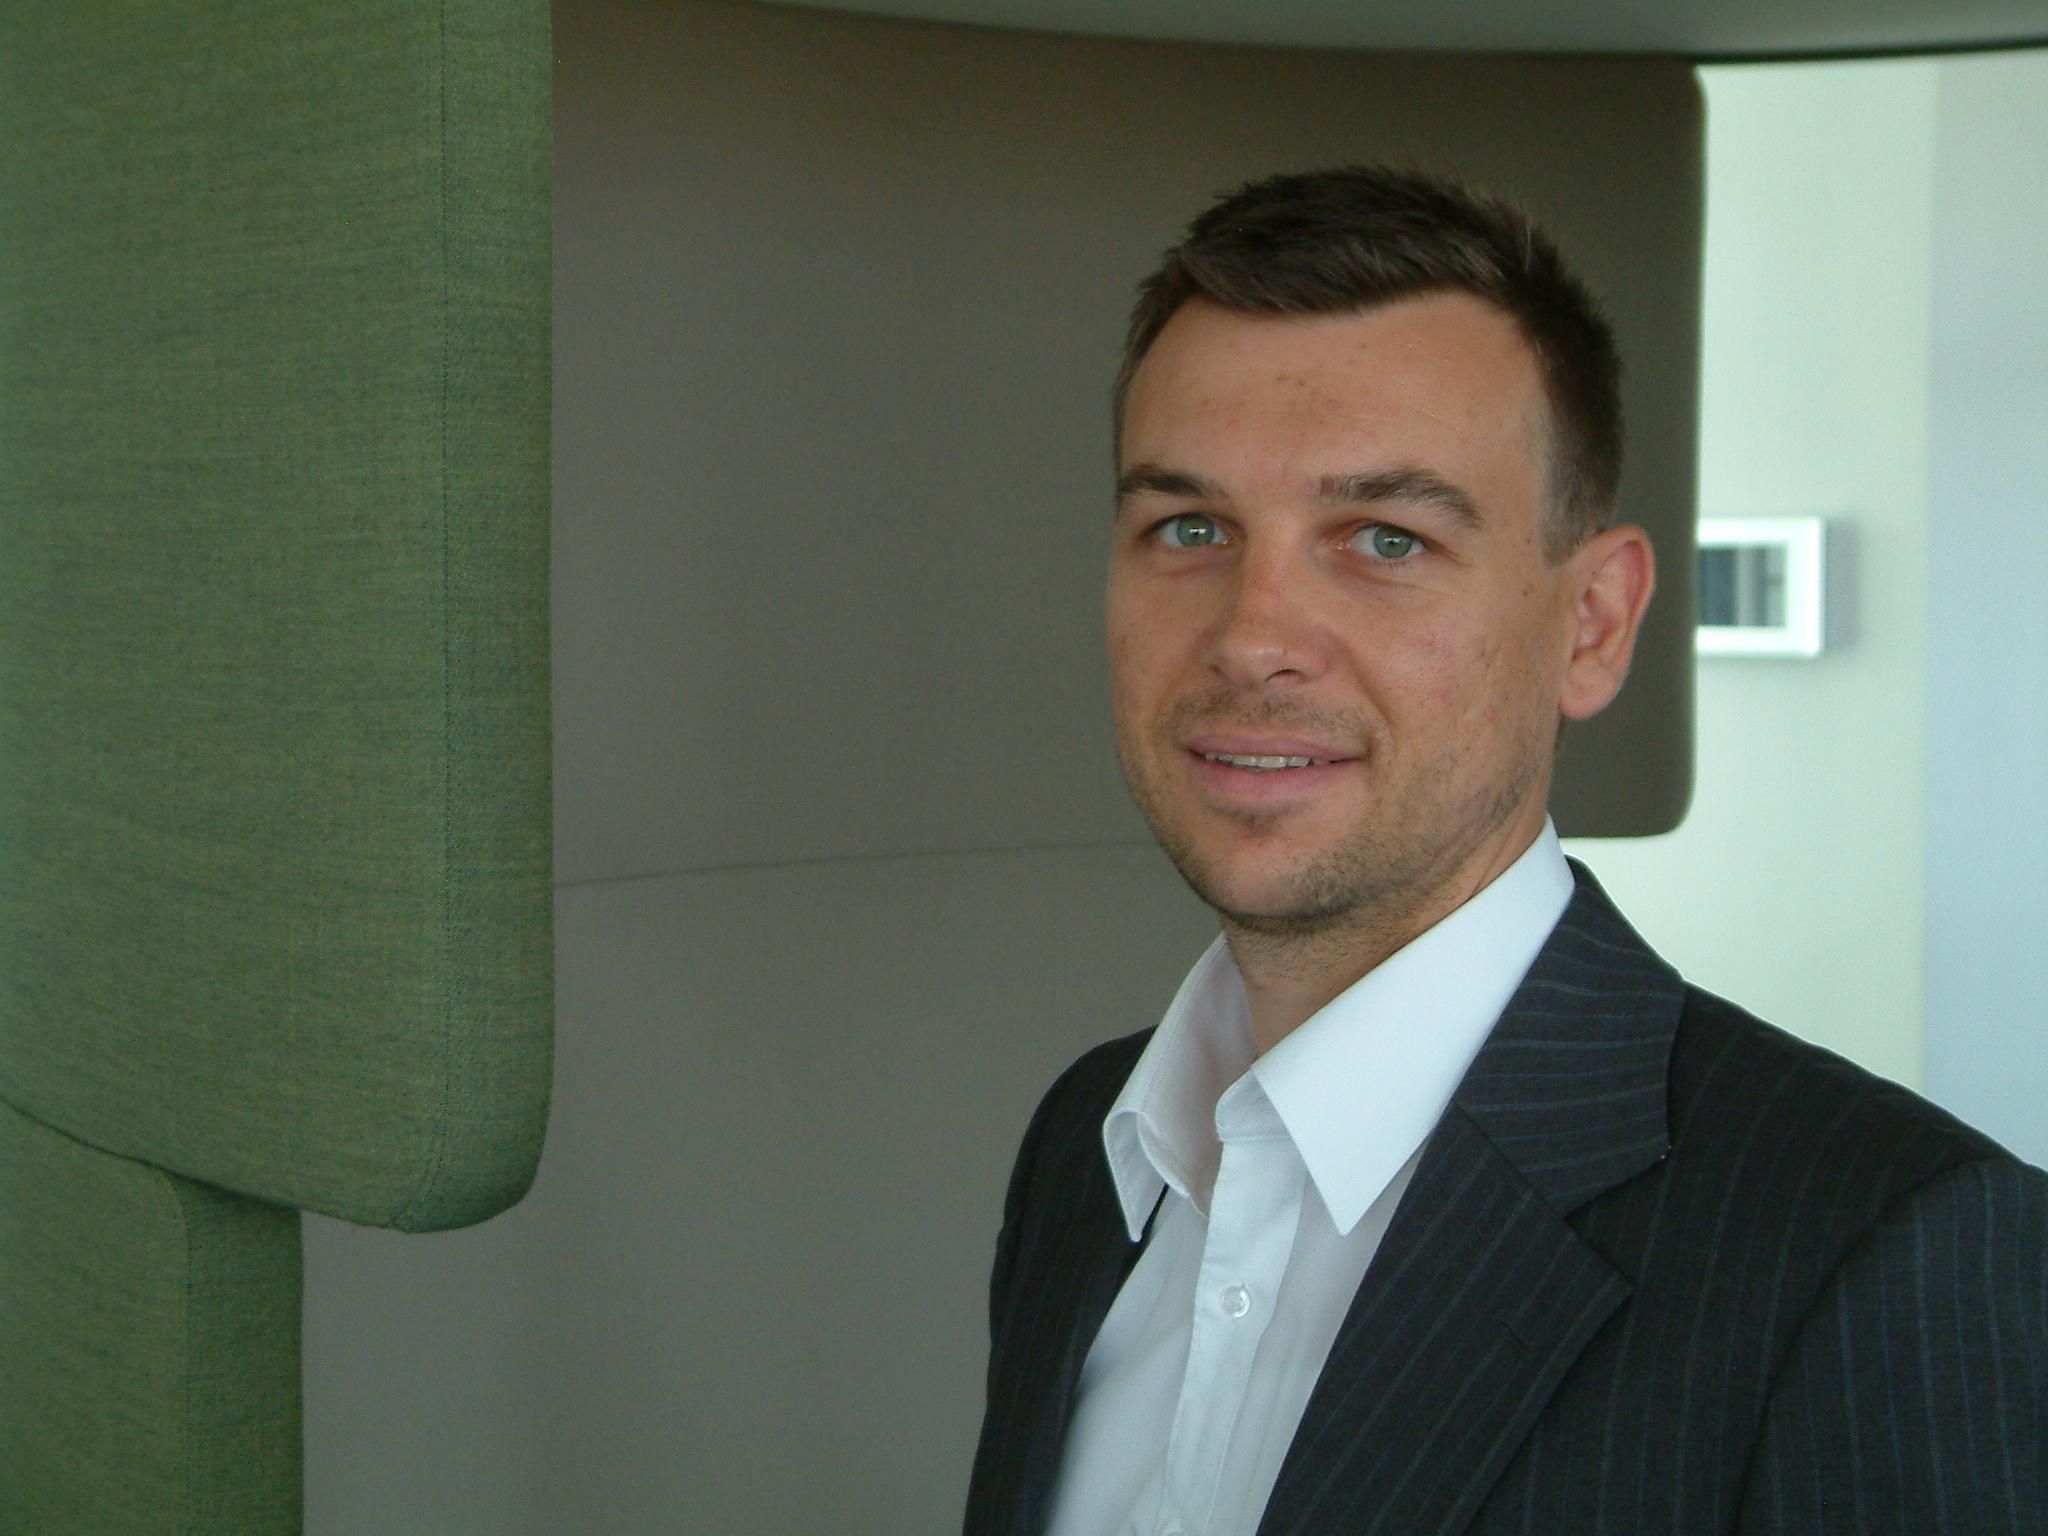 Mitja Jurecic, Projektleiter beim Fraunhofer IAO